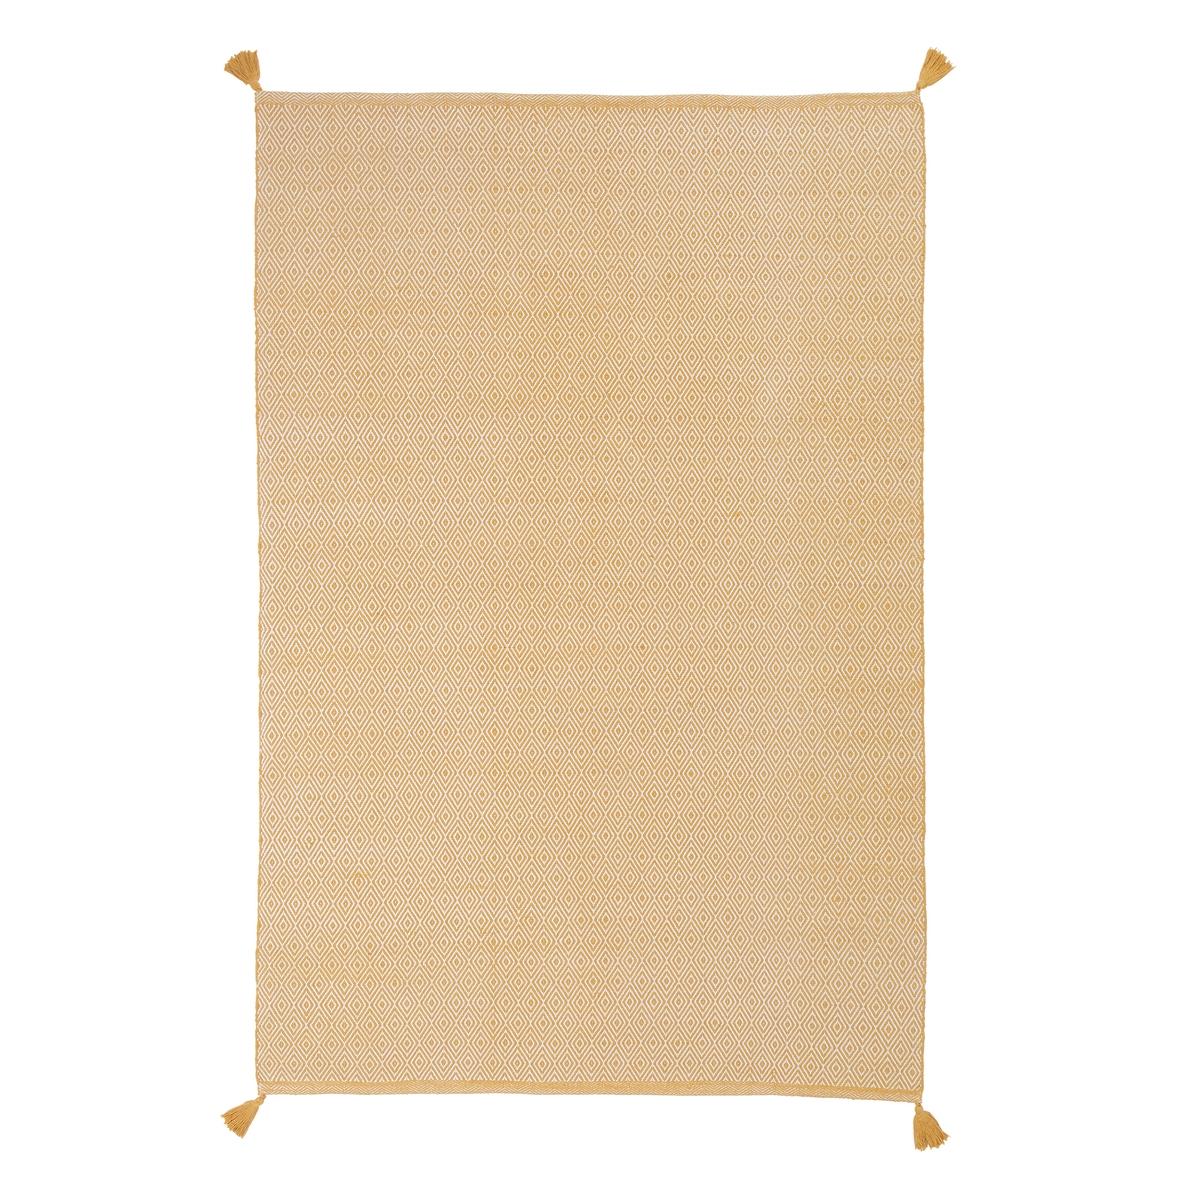 Ковер La Redoute Из хлопка с зигзагообразным узором OFICIO 200 x 290 см желтый ковер la redoute горизонтального плетения с рисунком цементная плитка iswik 120 x 170 см бежевый